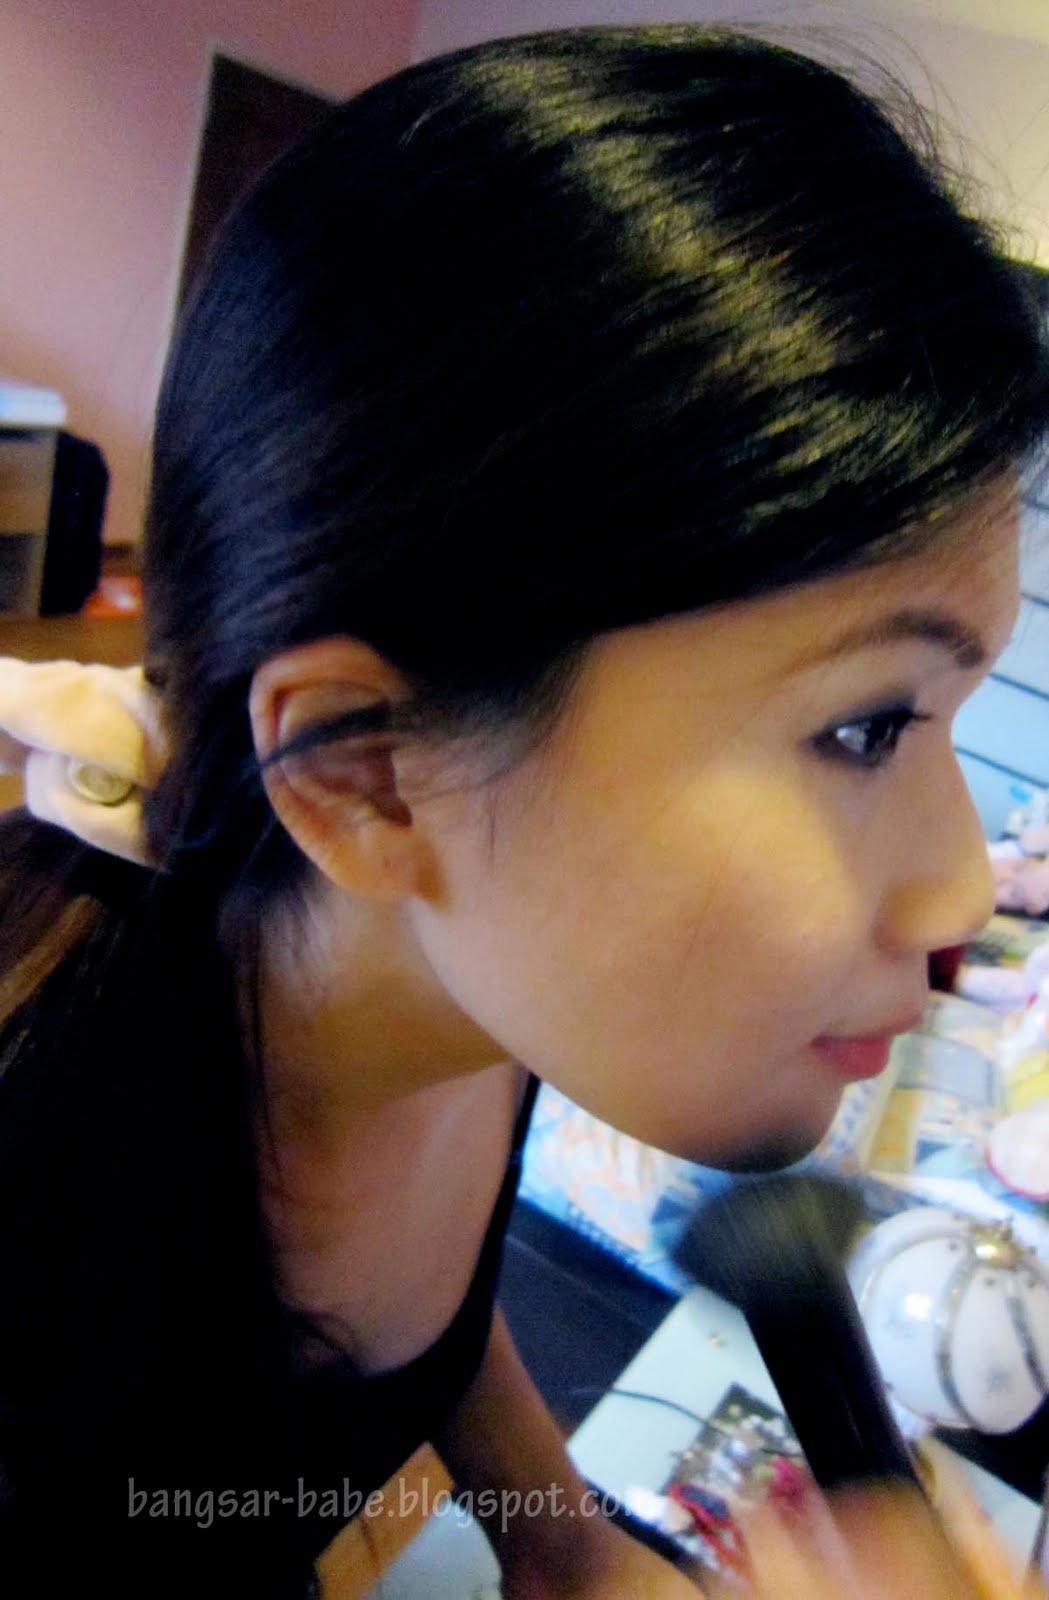 http://3.bp.blogspot.com/_L9ggJC7Y_4o/TUYmSkswMrI/AAAAAAAAPF8/o1-f6-MuHyg/s1600/IMG_7363.jpg